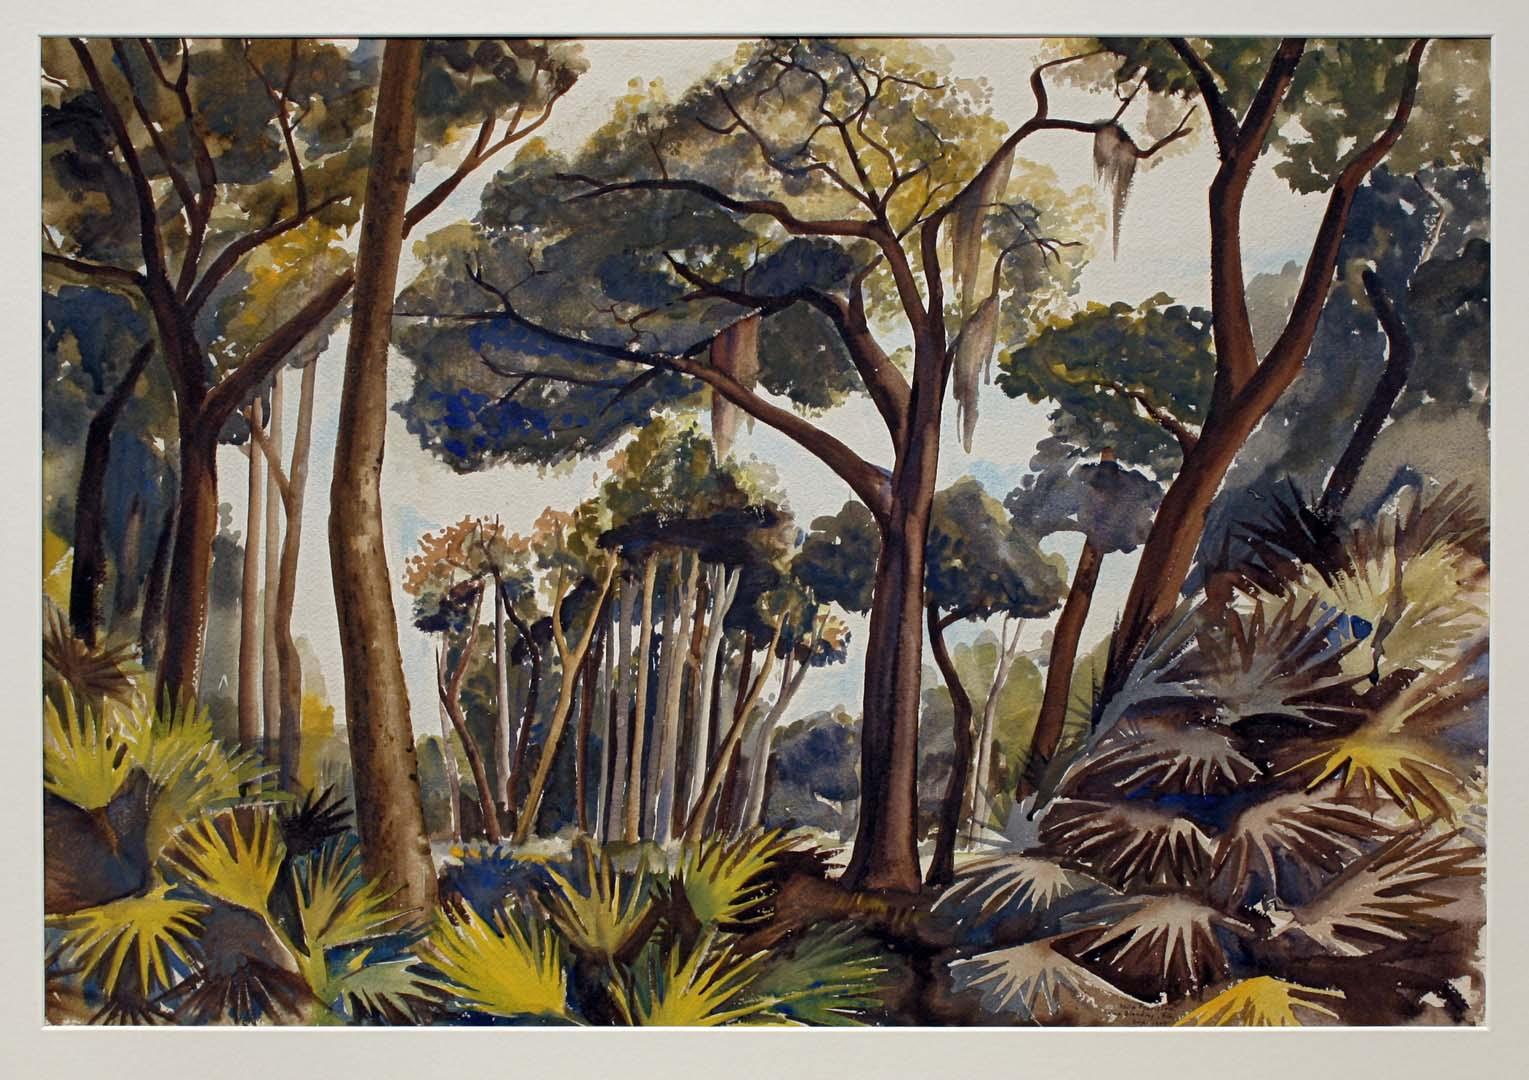 1943 Swamp Camp Blanding Florida Watercolor 22.75 x 31